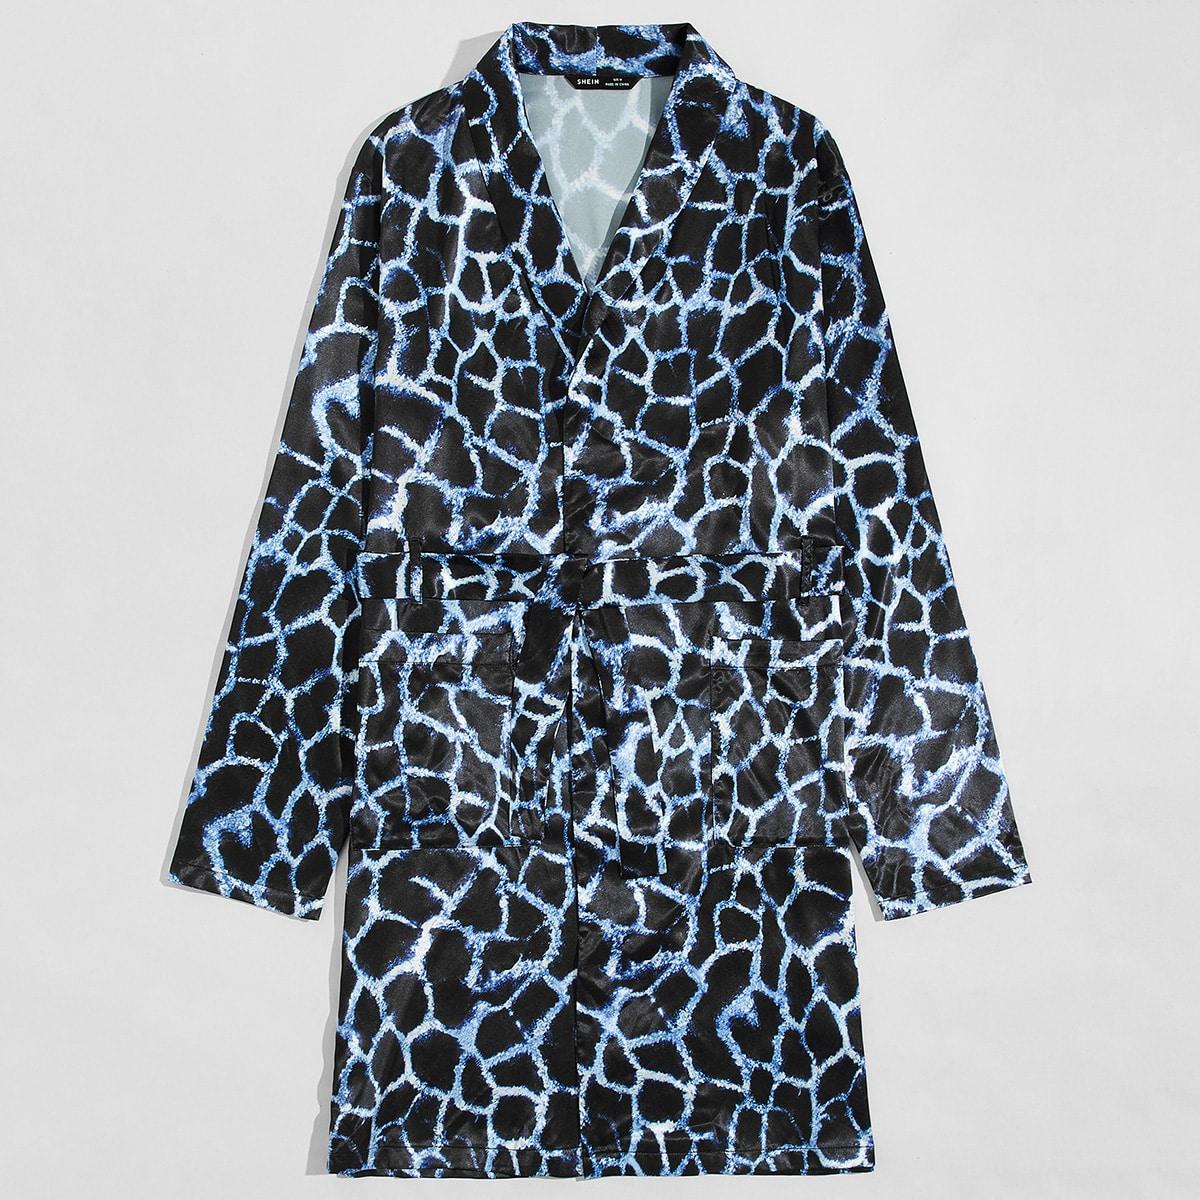 Мужской ночной халат с поясом и леопардовым принтом